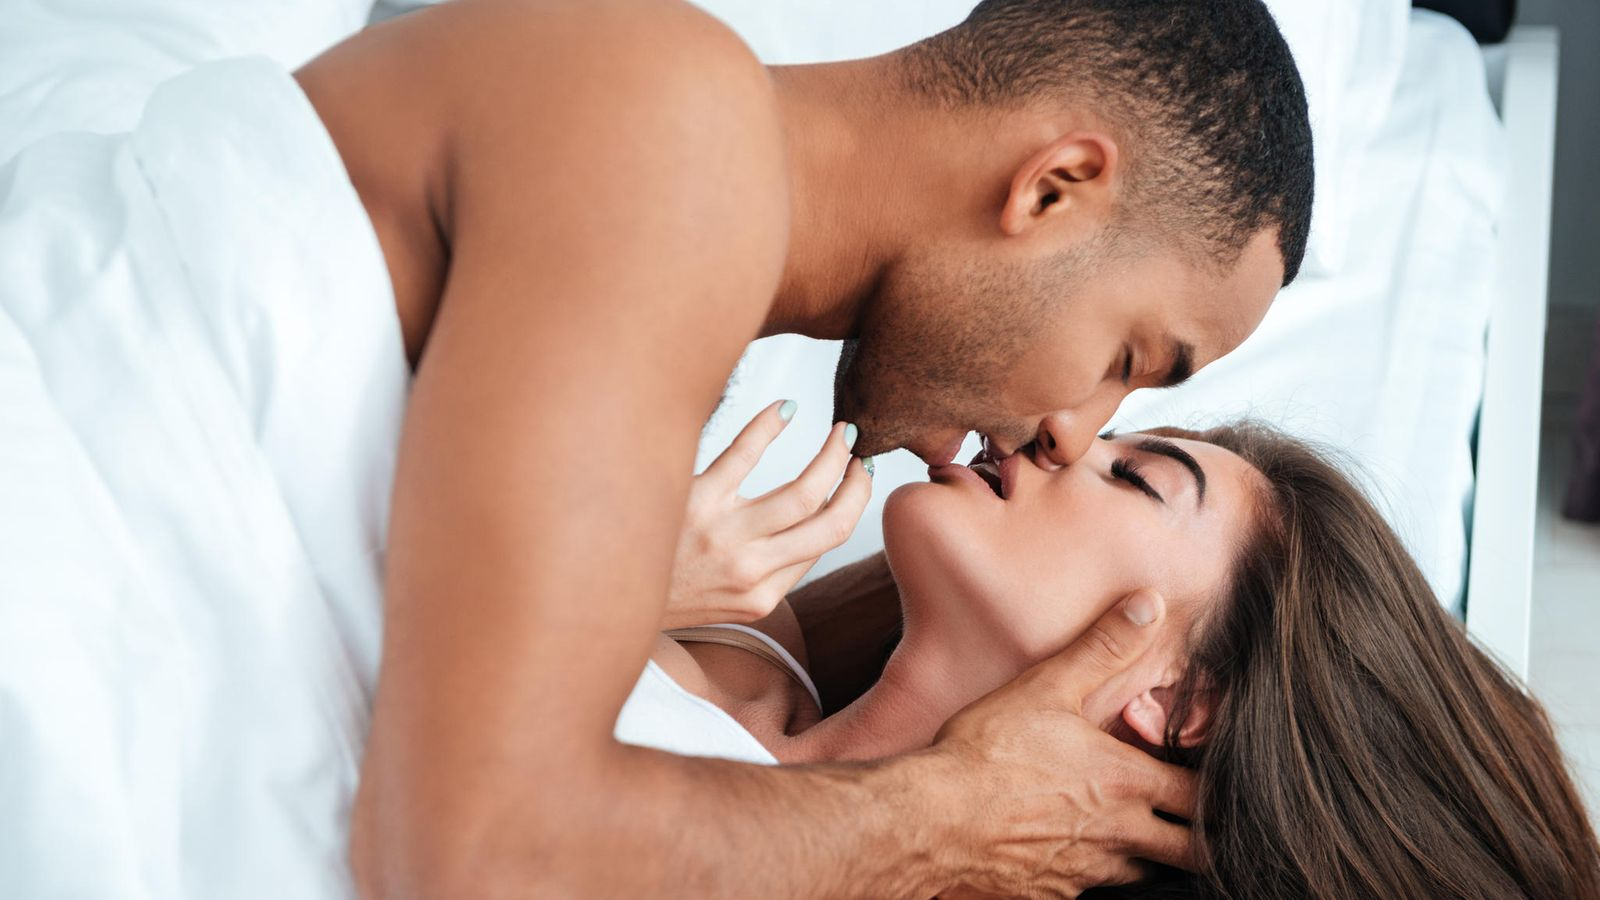 Секс в троём мужчина мужчина и женщина позы, Гид по сексу втроём: Как его организовать, чтобы всем 19 фотография